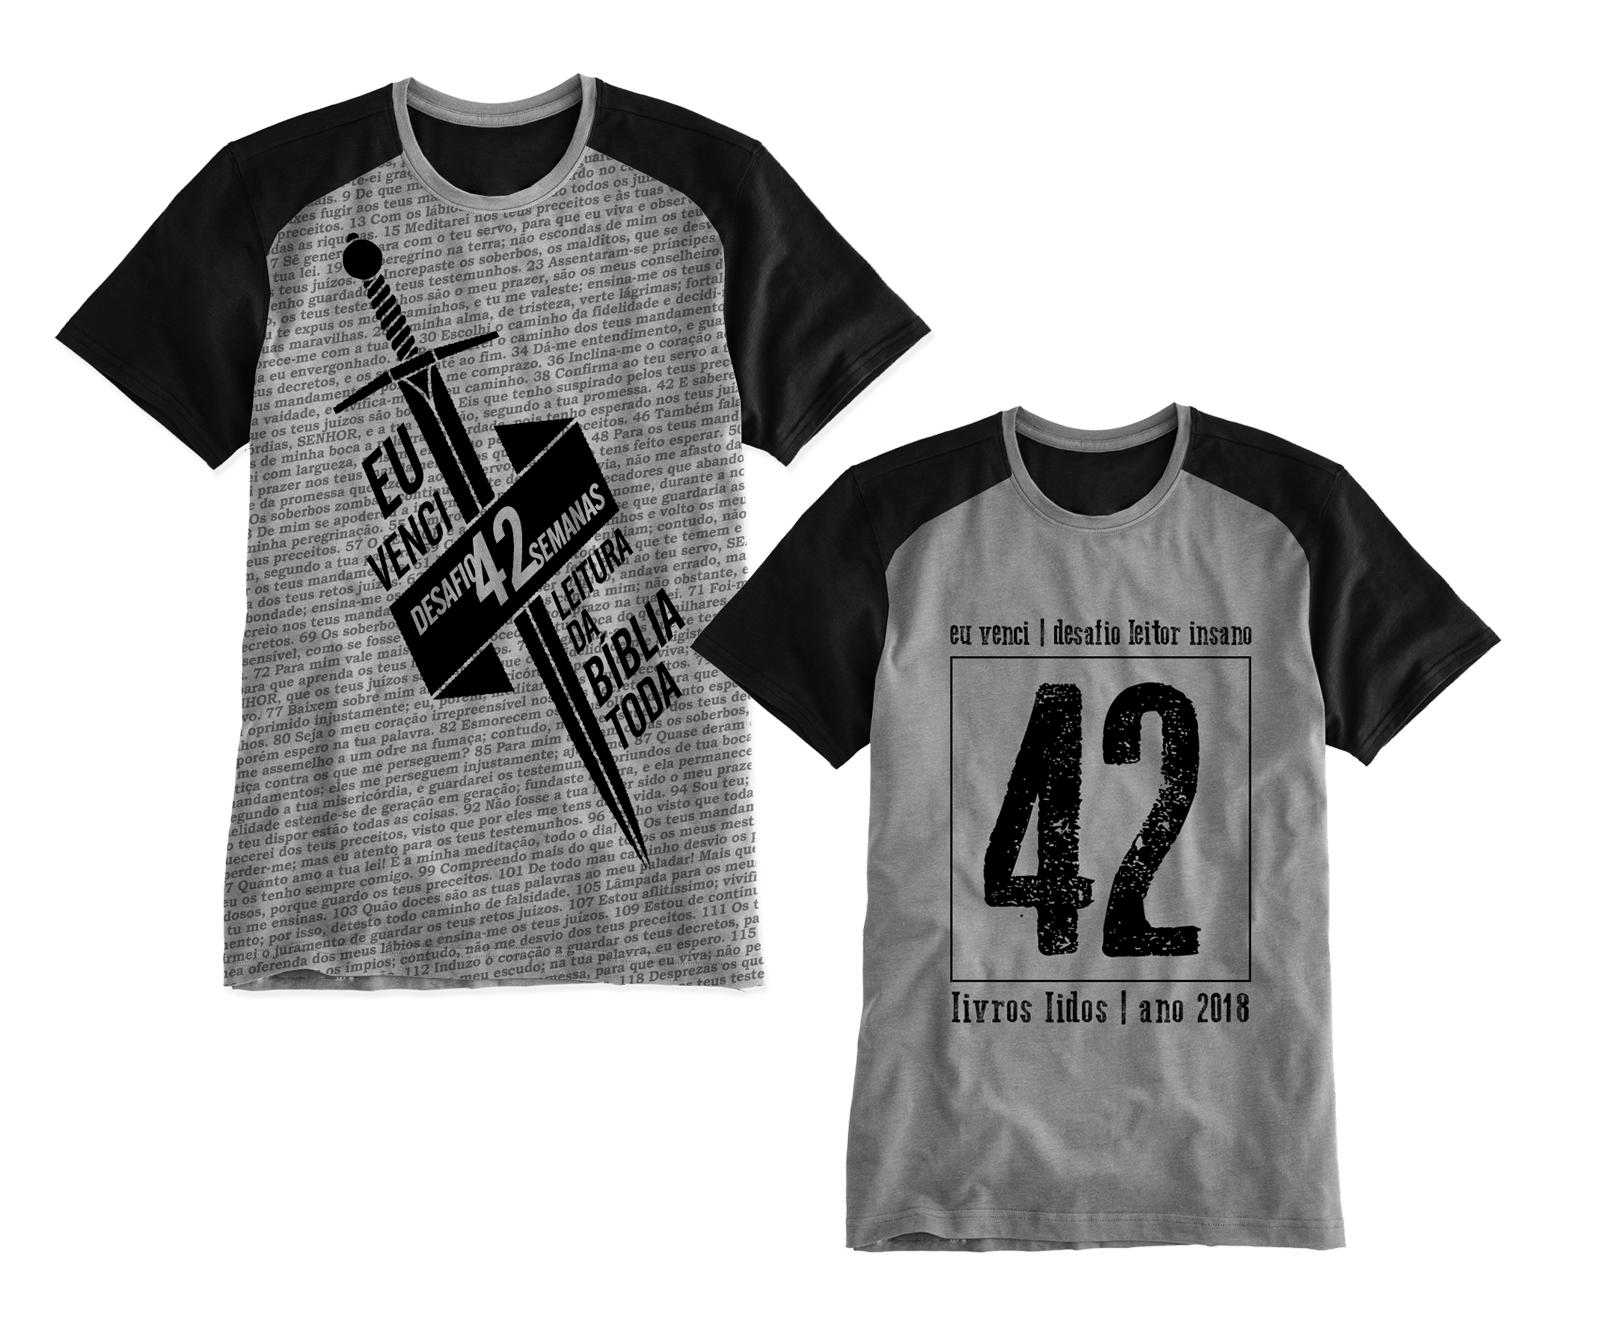 camisetas_42_semanas_e_Leitor_Insano